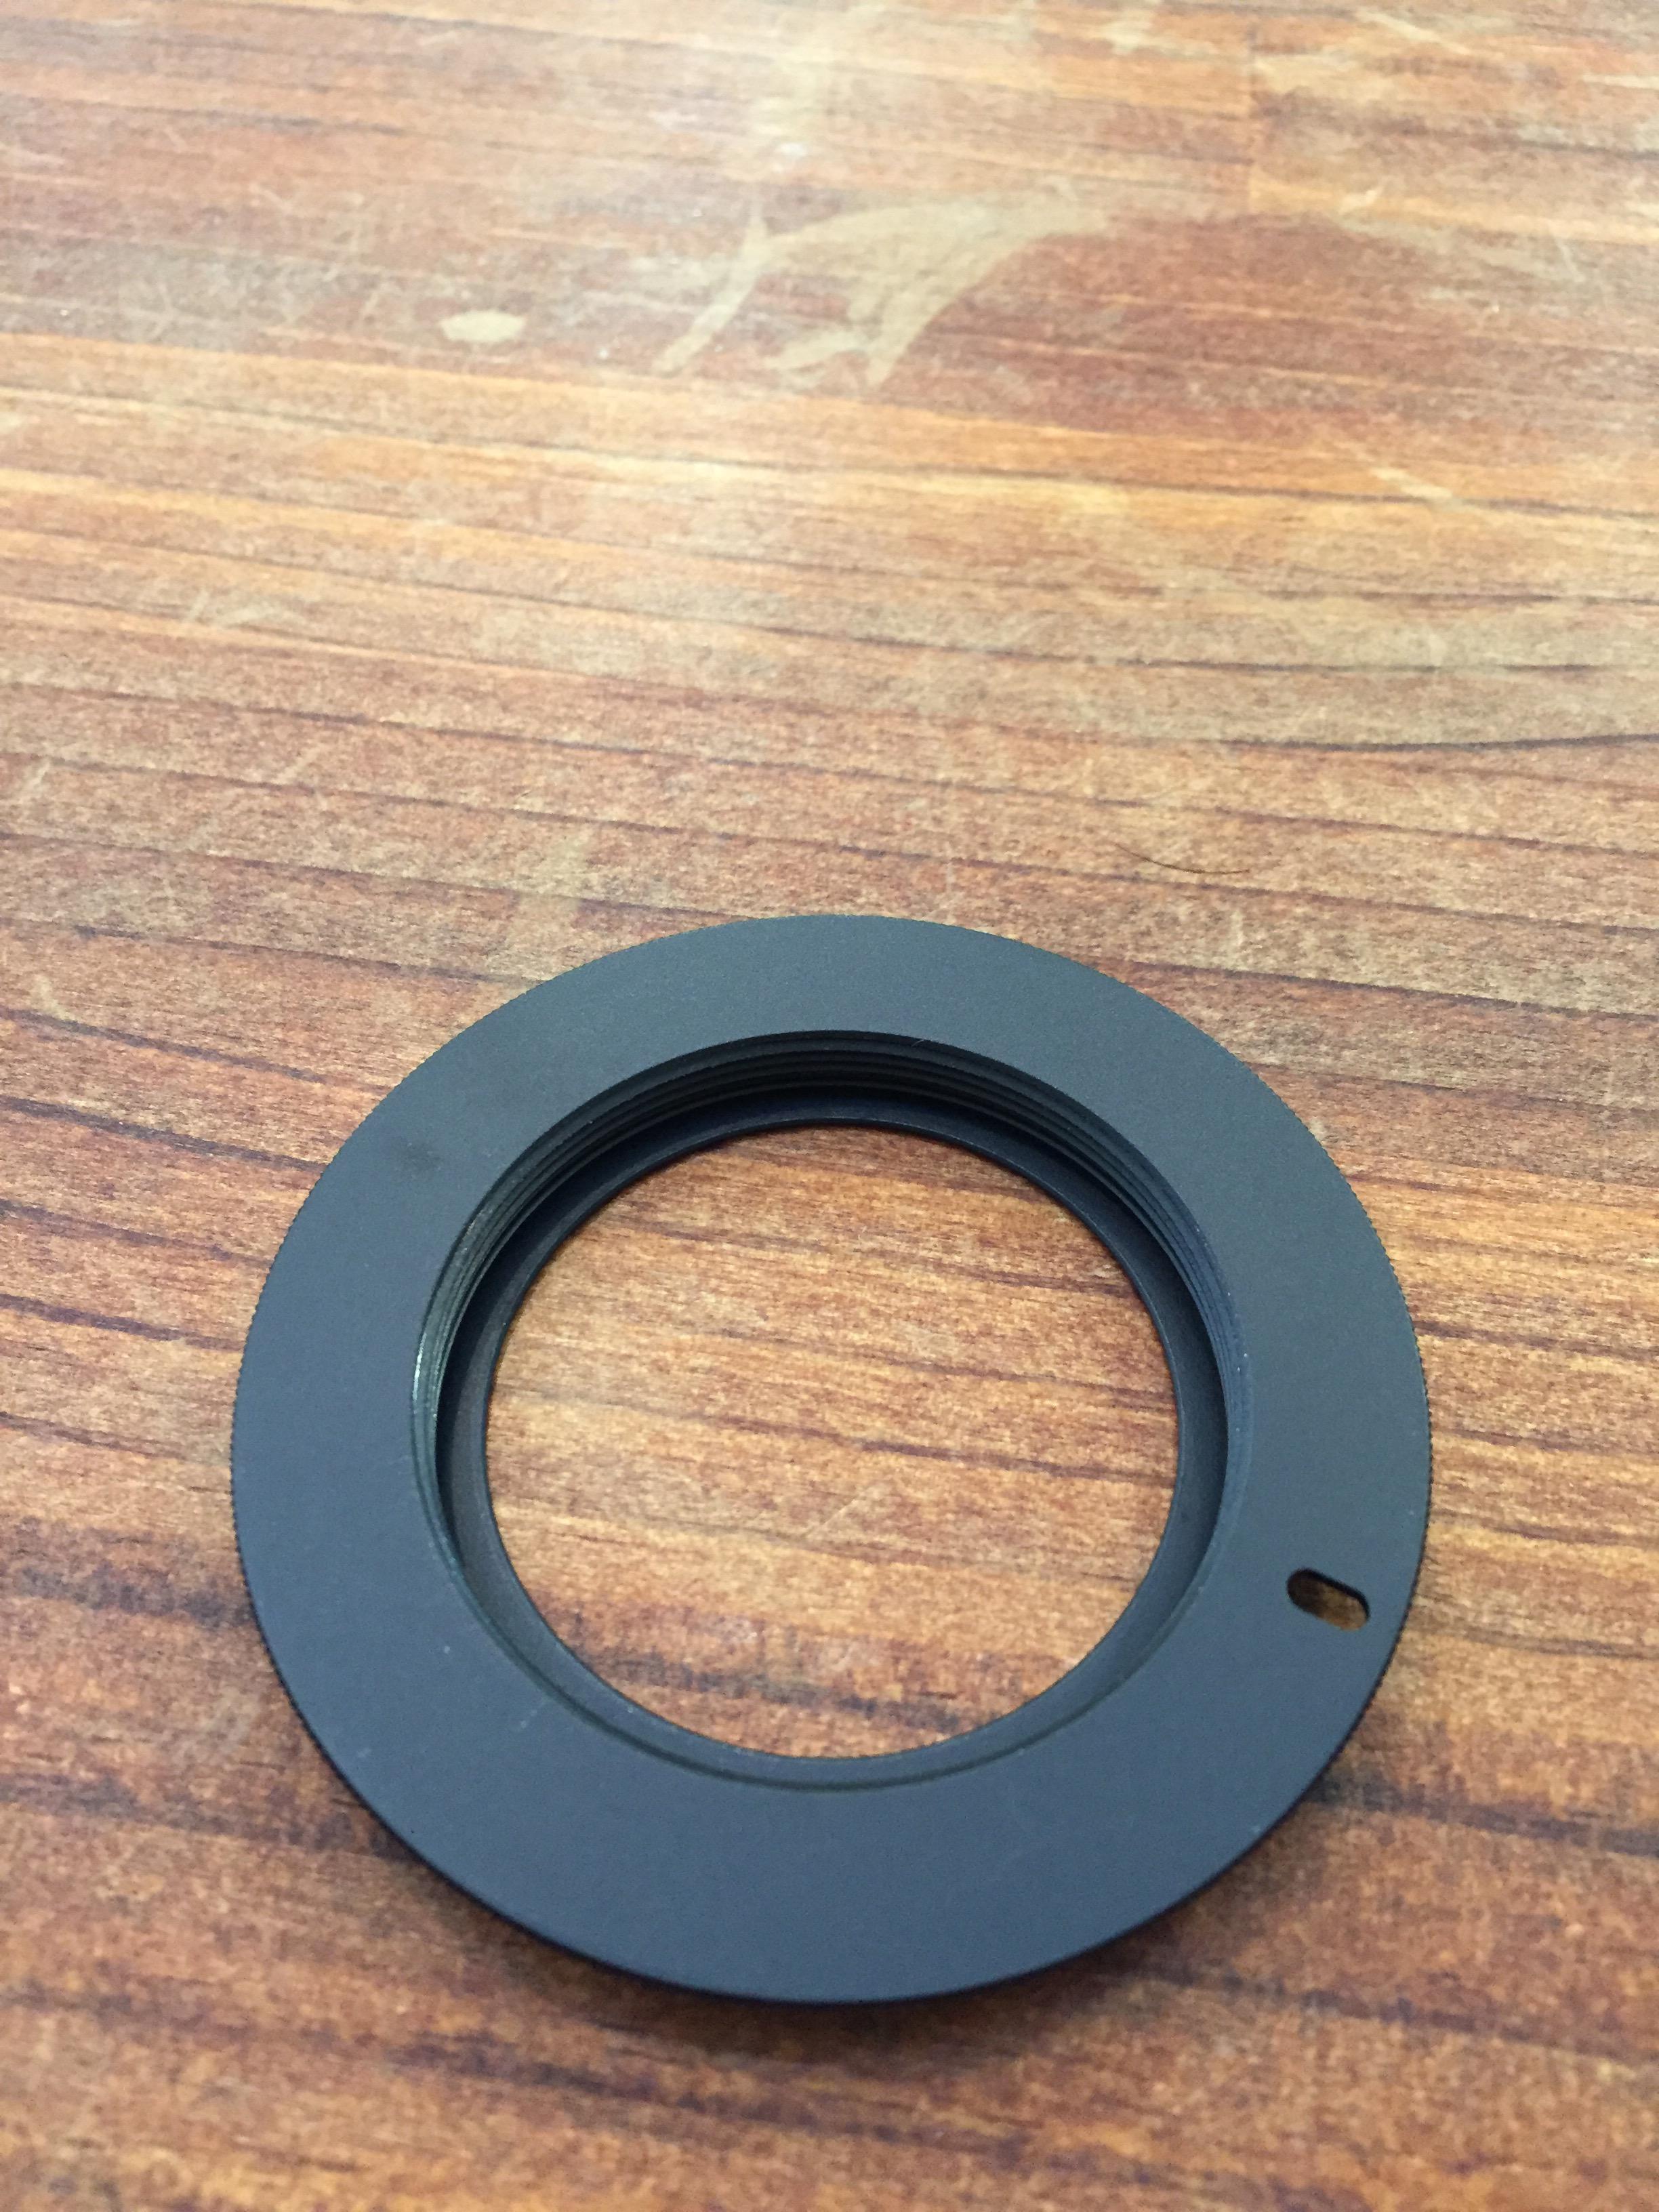 M42 NIKON Fマウント 変換アダプター ピン押しタイプ